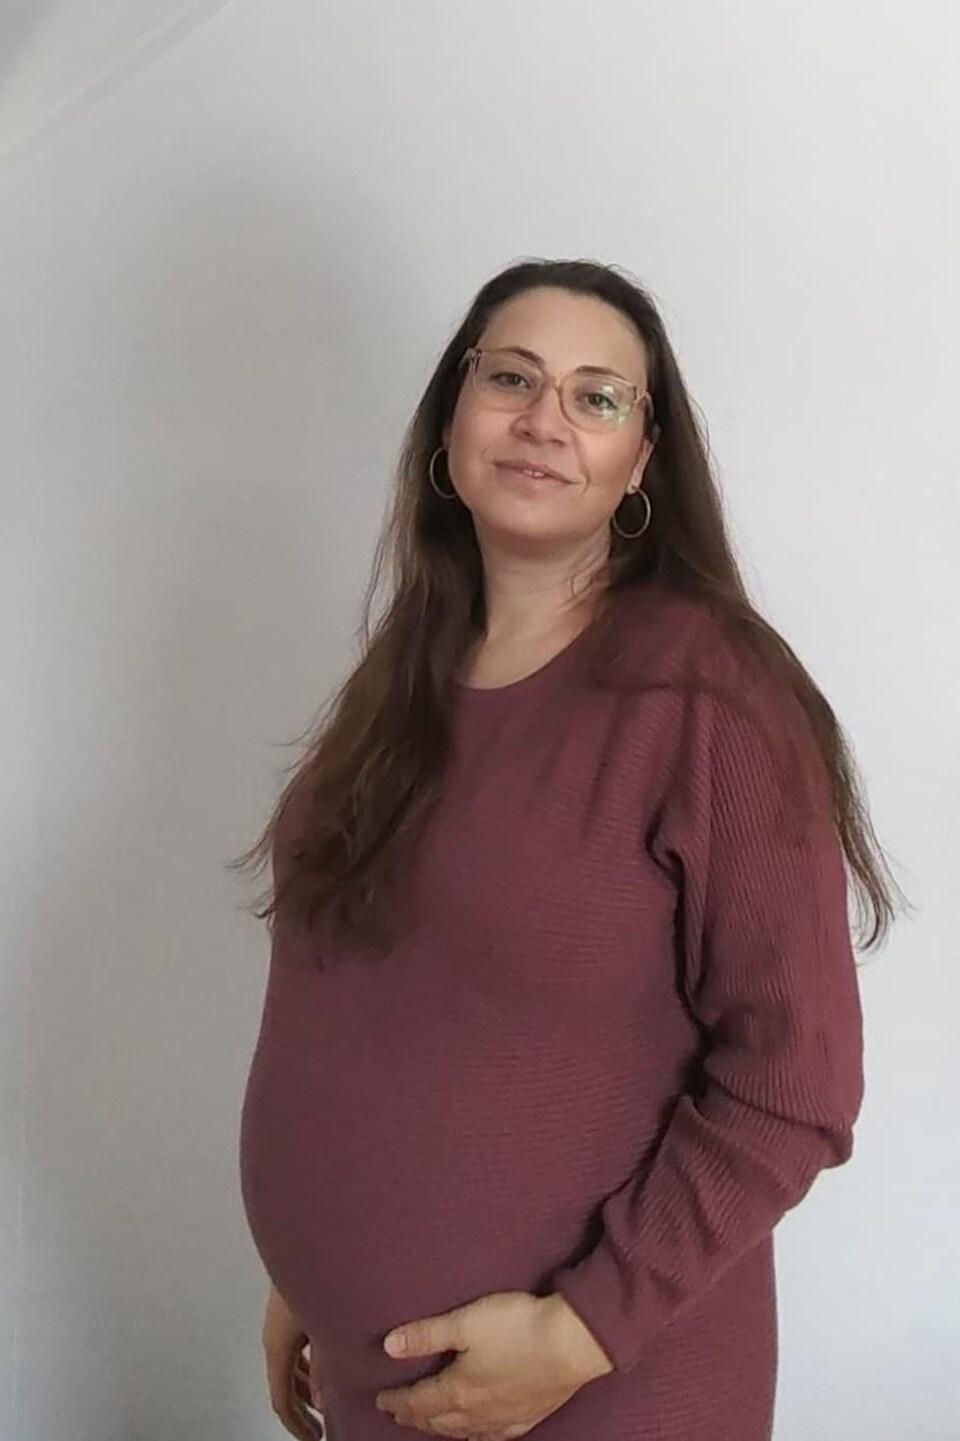 Une femme enceinte sourit à la caméra, soutenant son ventre.